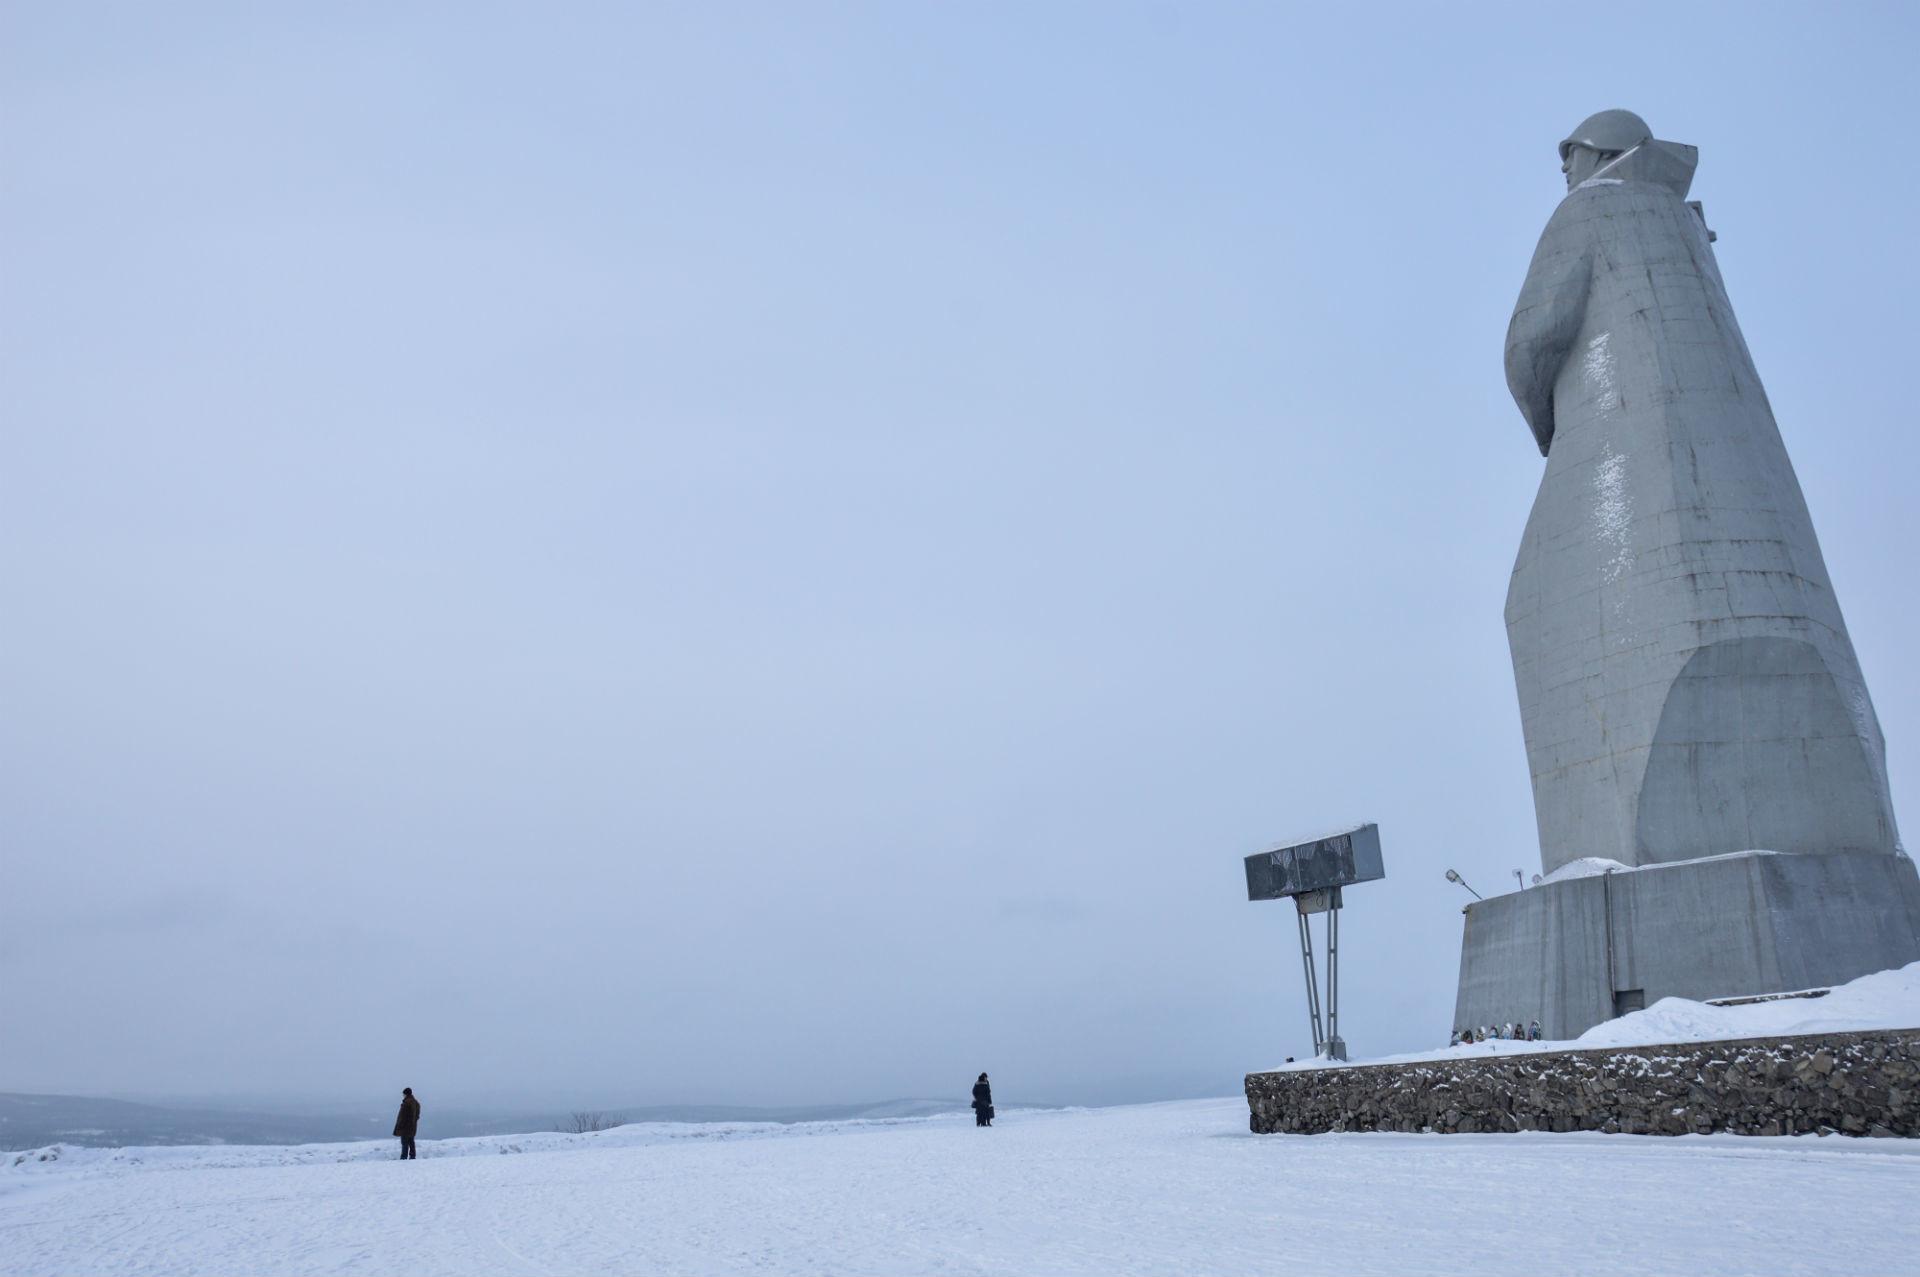 Se vi sentite sminuiti dalle dimensioni di questa statua, credetemi, non è niente in confronto all'enormità della penisola di Kola